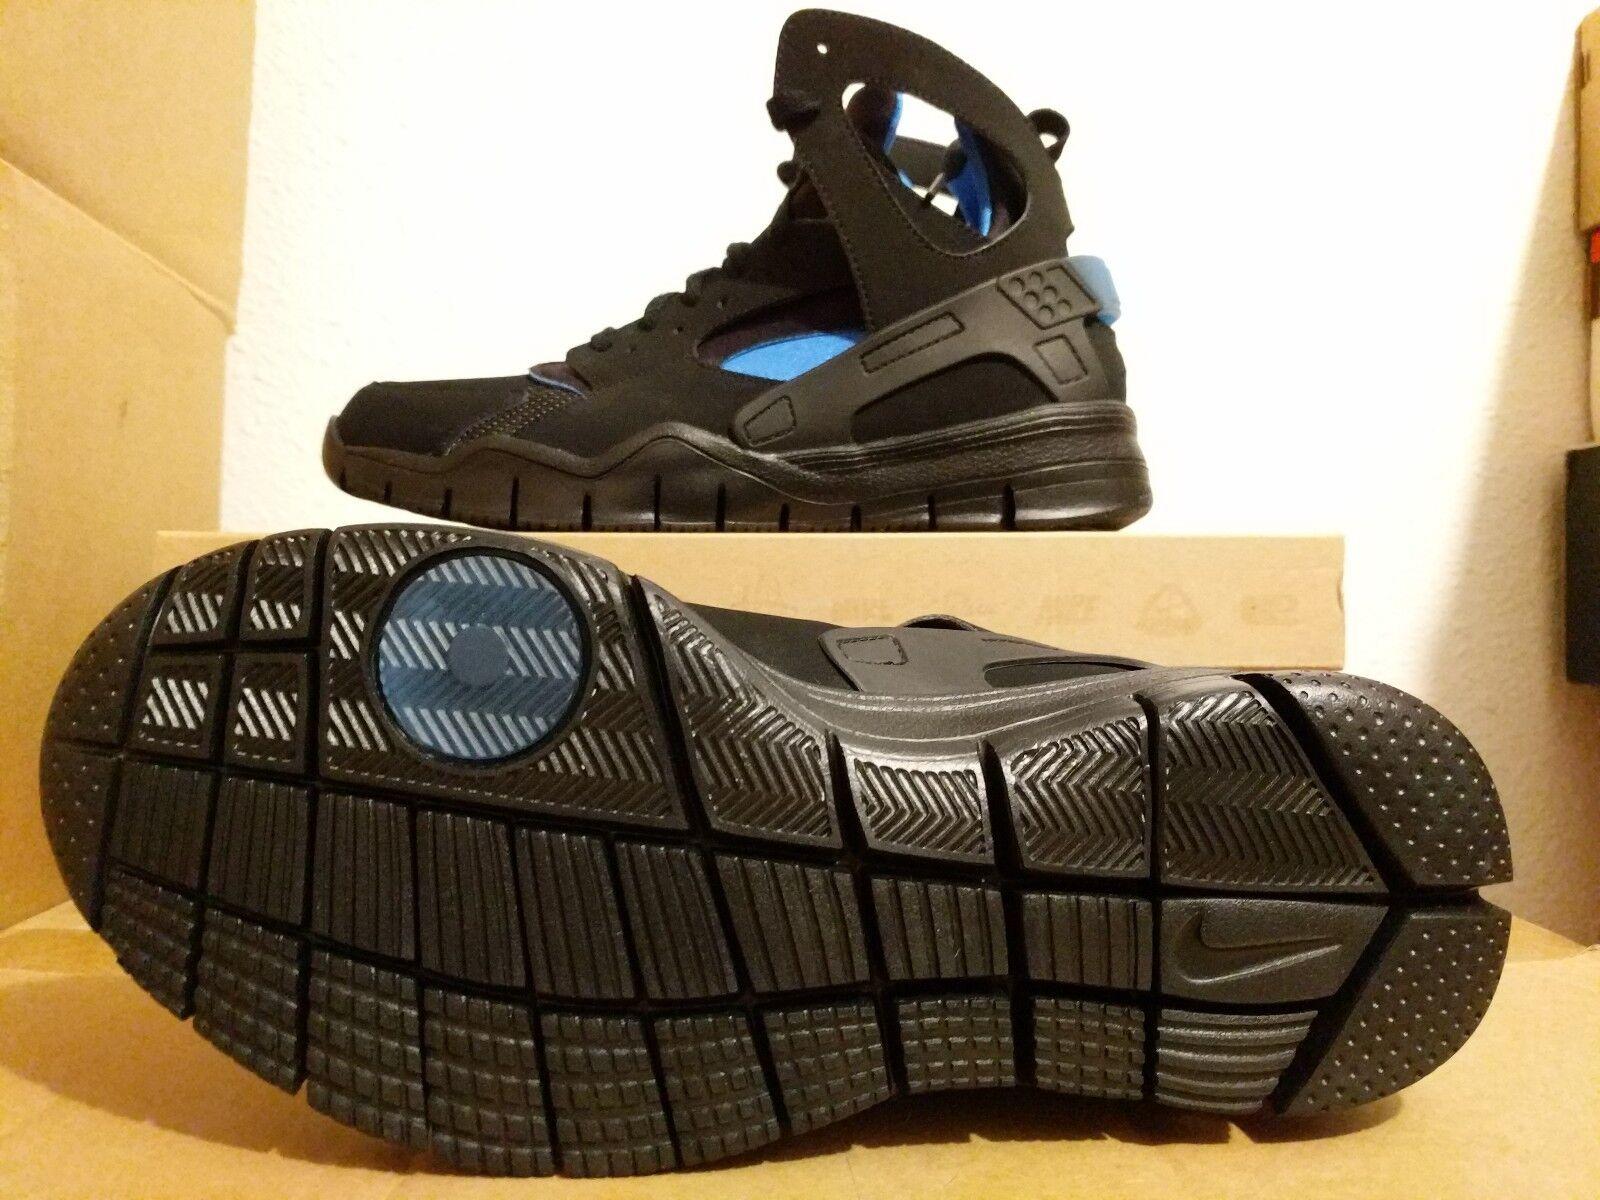 Nike Air Huarache Bball 2012 QS Black  bluee 501529-001 SZ 9